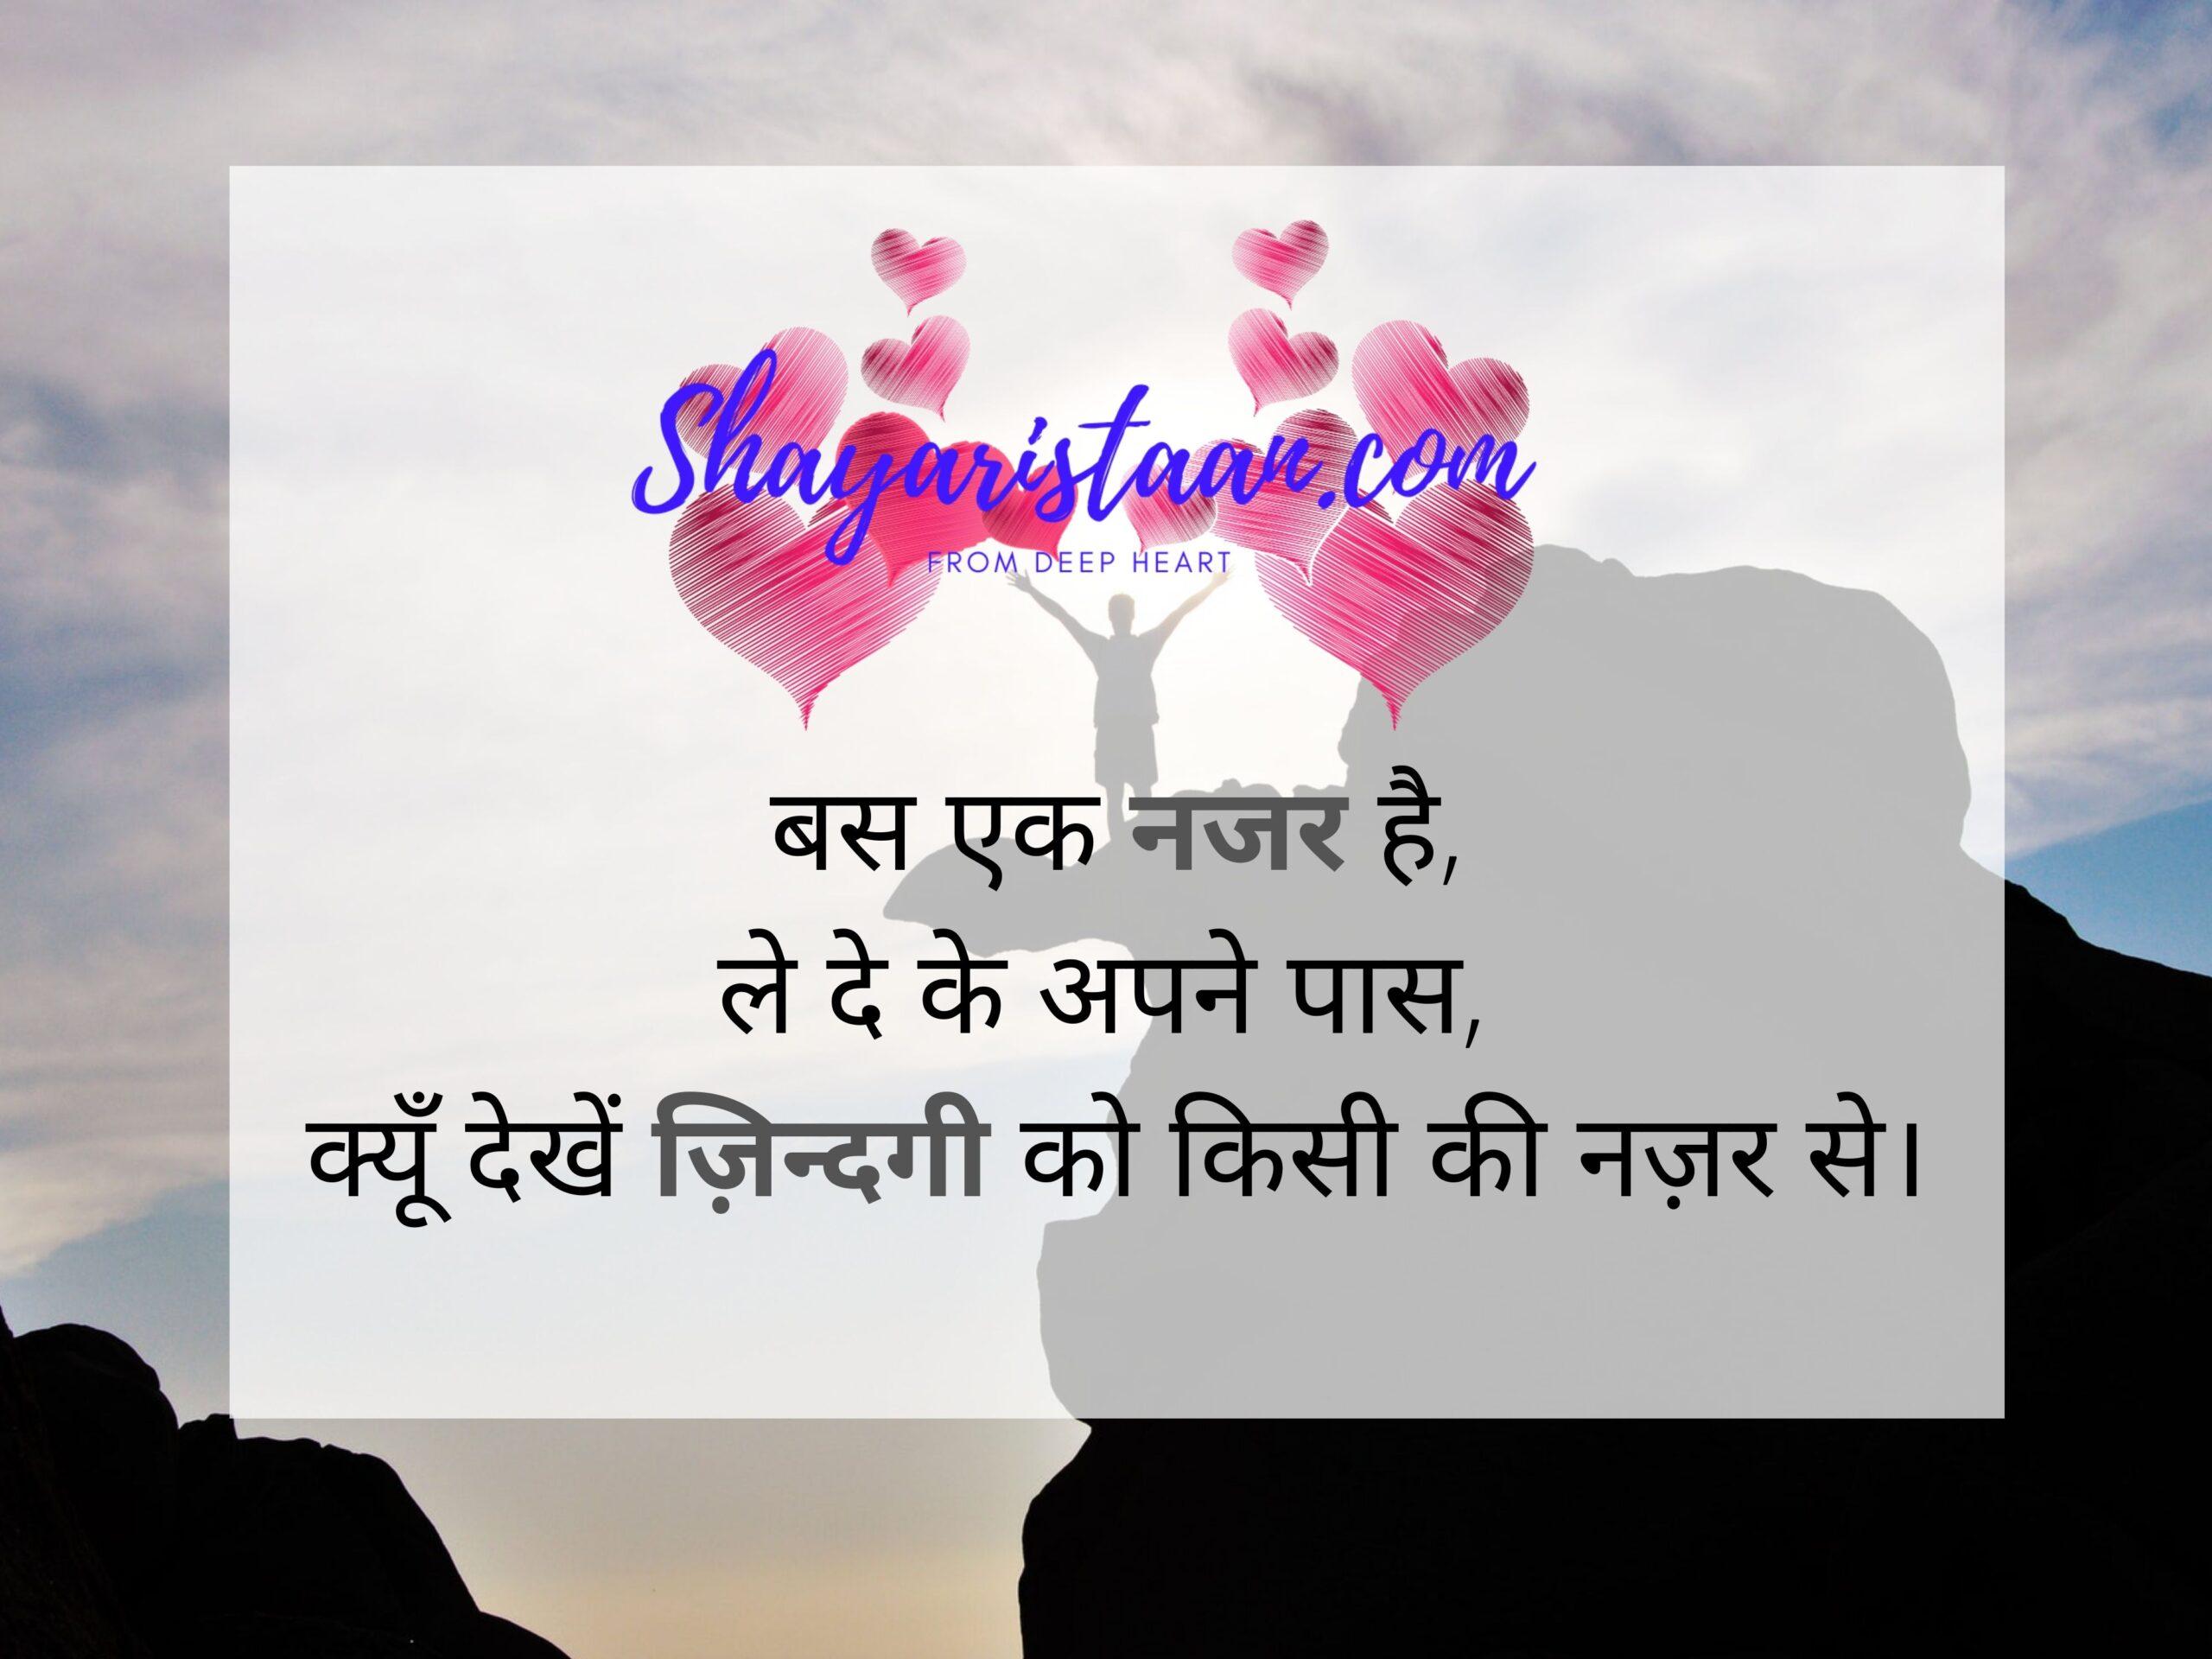 zindgi status in hindi  | बस एक नजर है, ले दे के अपने पास, क्यूँ देखें ज़िन्दगी को किसी की नज़र से।